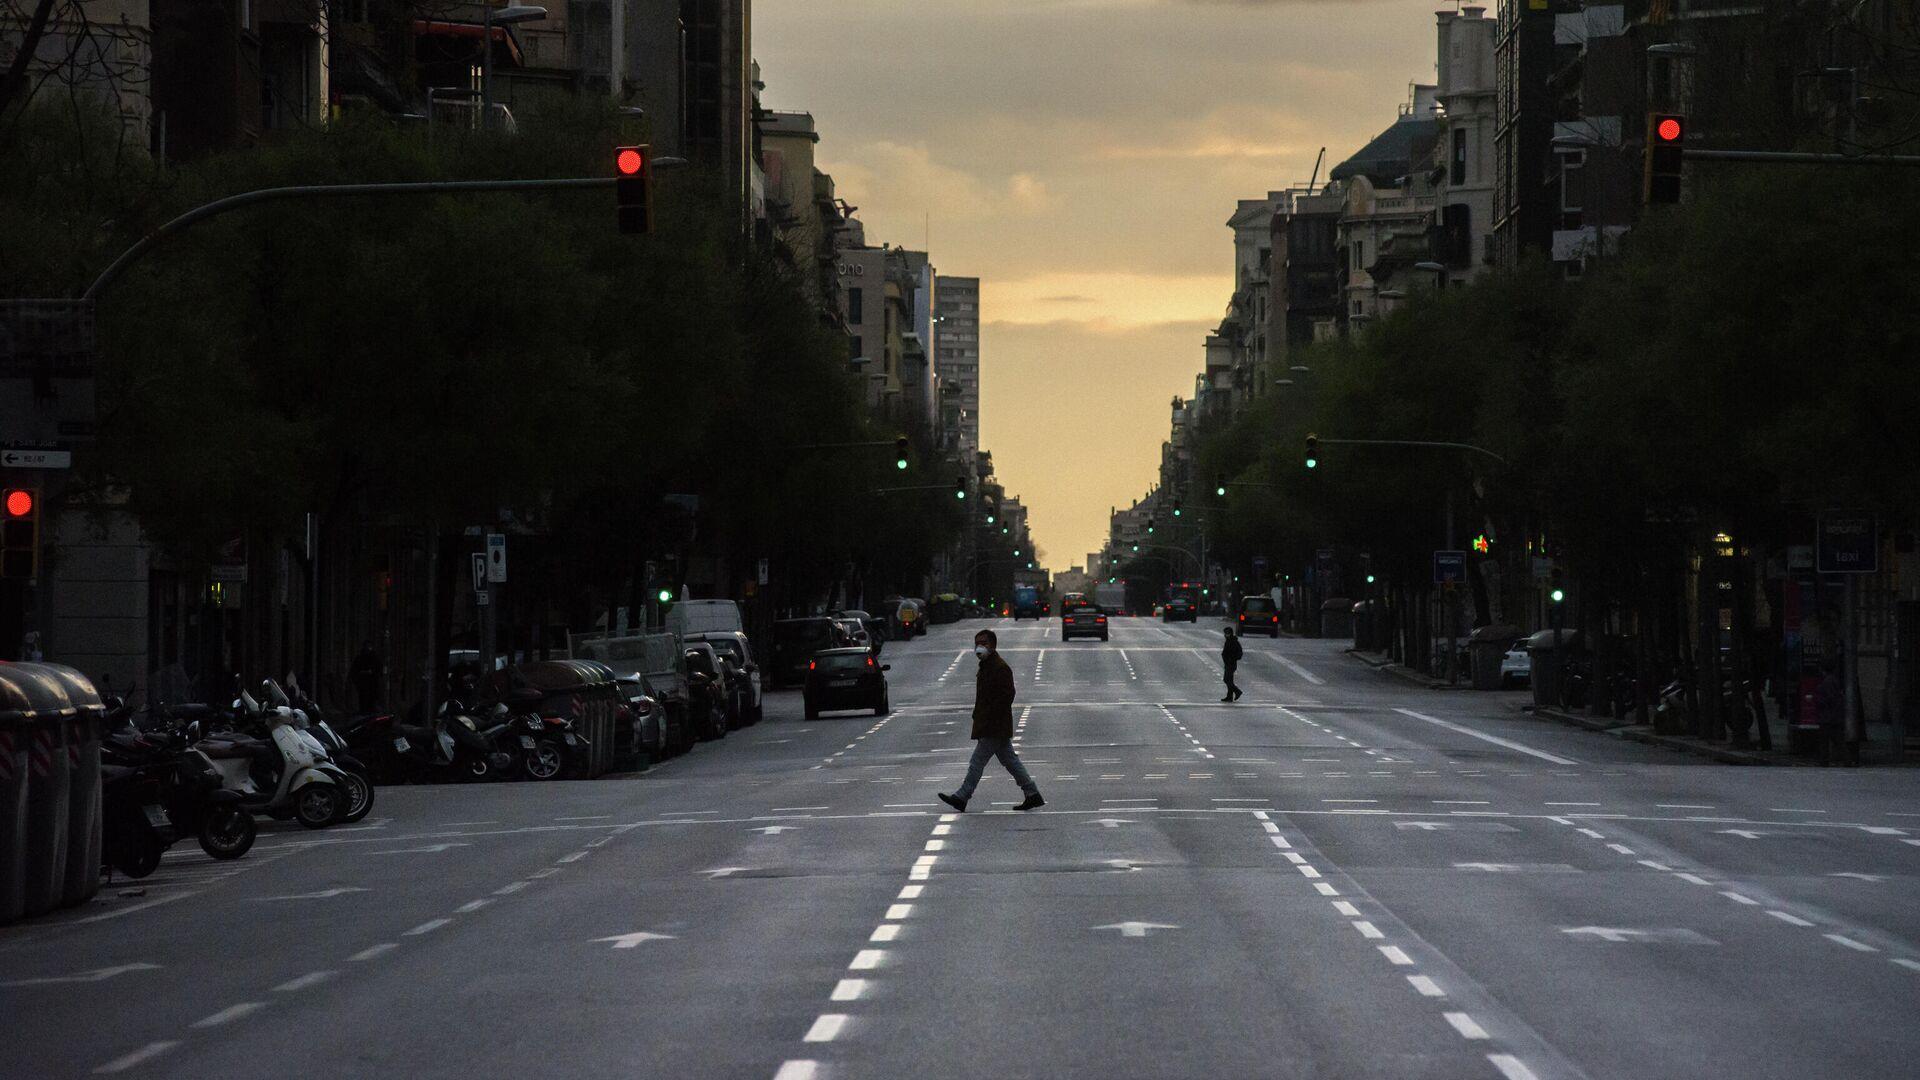 Мужчина в защитной маске идет по пустой улице - РИА Новости, 1920, 01.03.2021